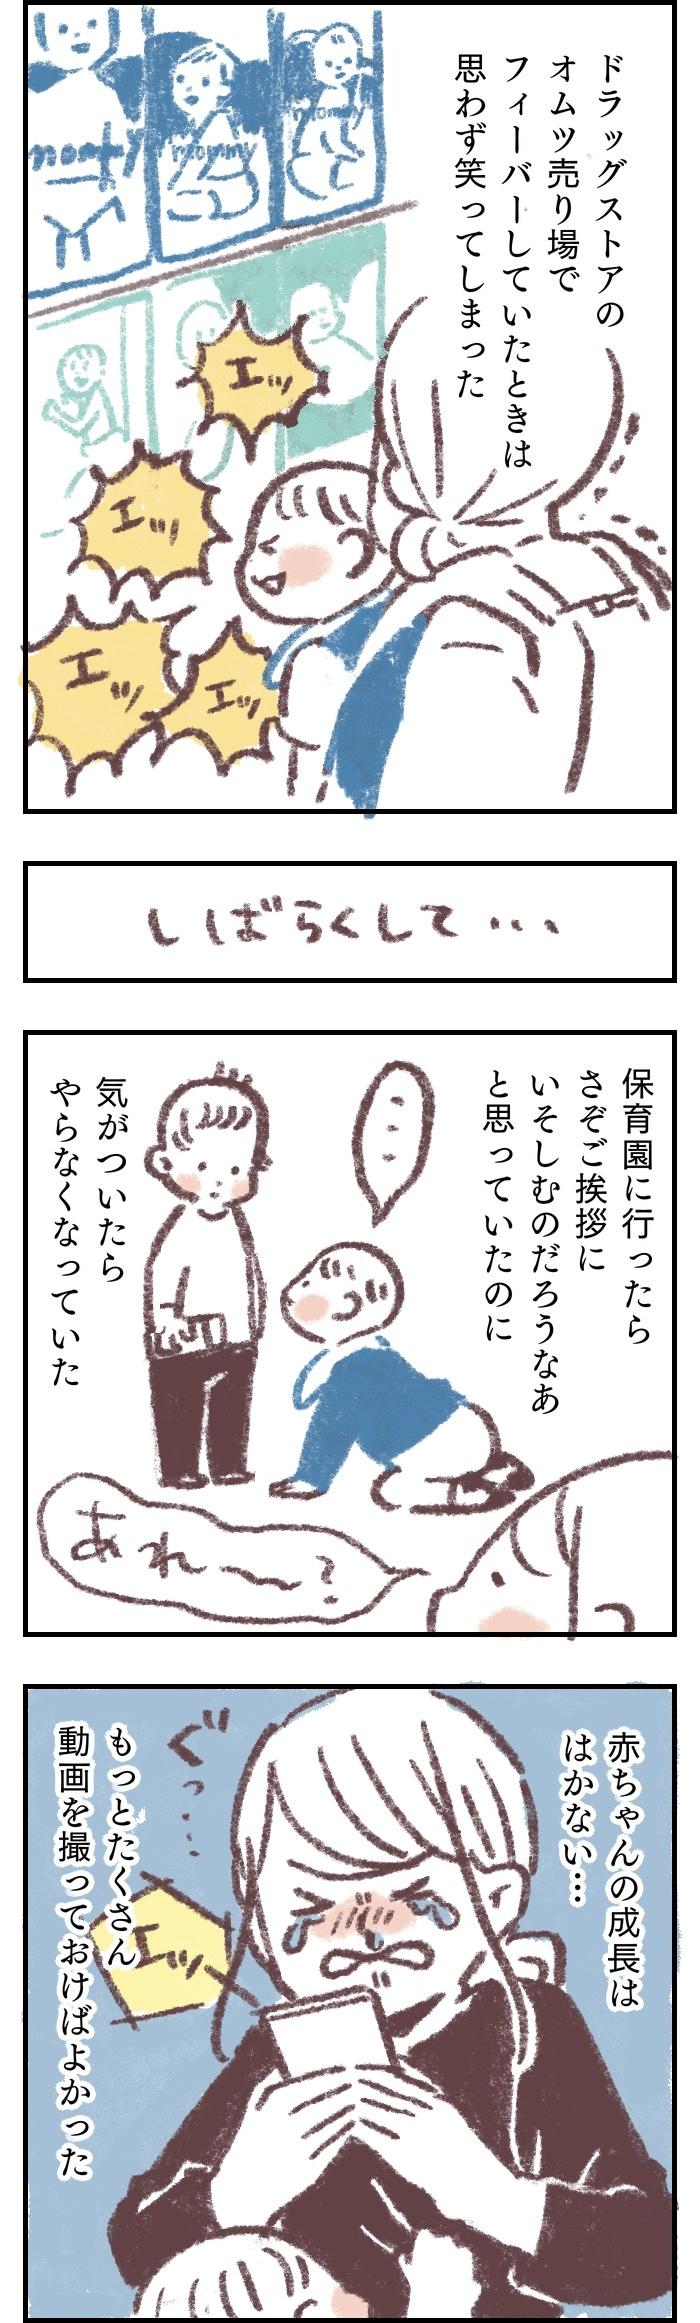 おむつ売り場で事件…!赤ちゃんが全力で「エッ」と叫んだワケの画像3